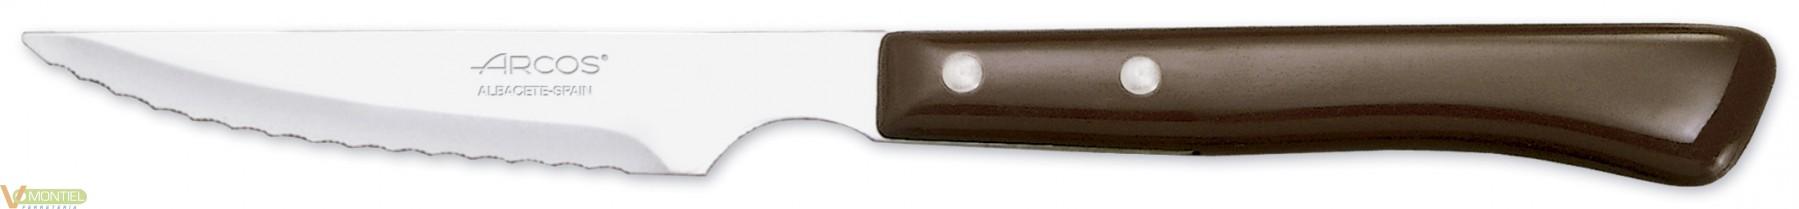 Cuchillo chuletero 110mm-0